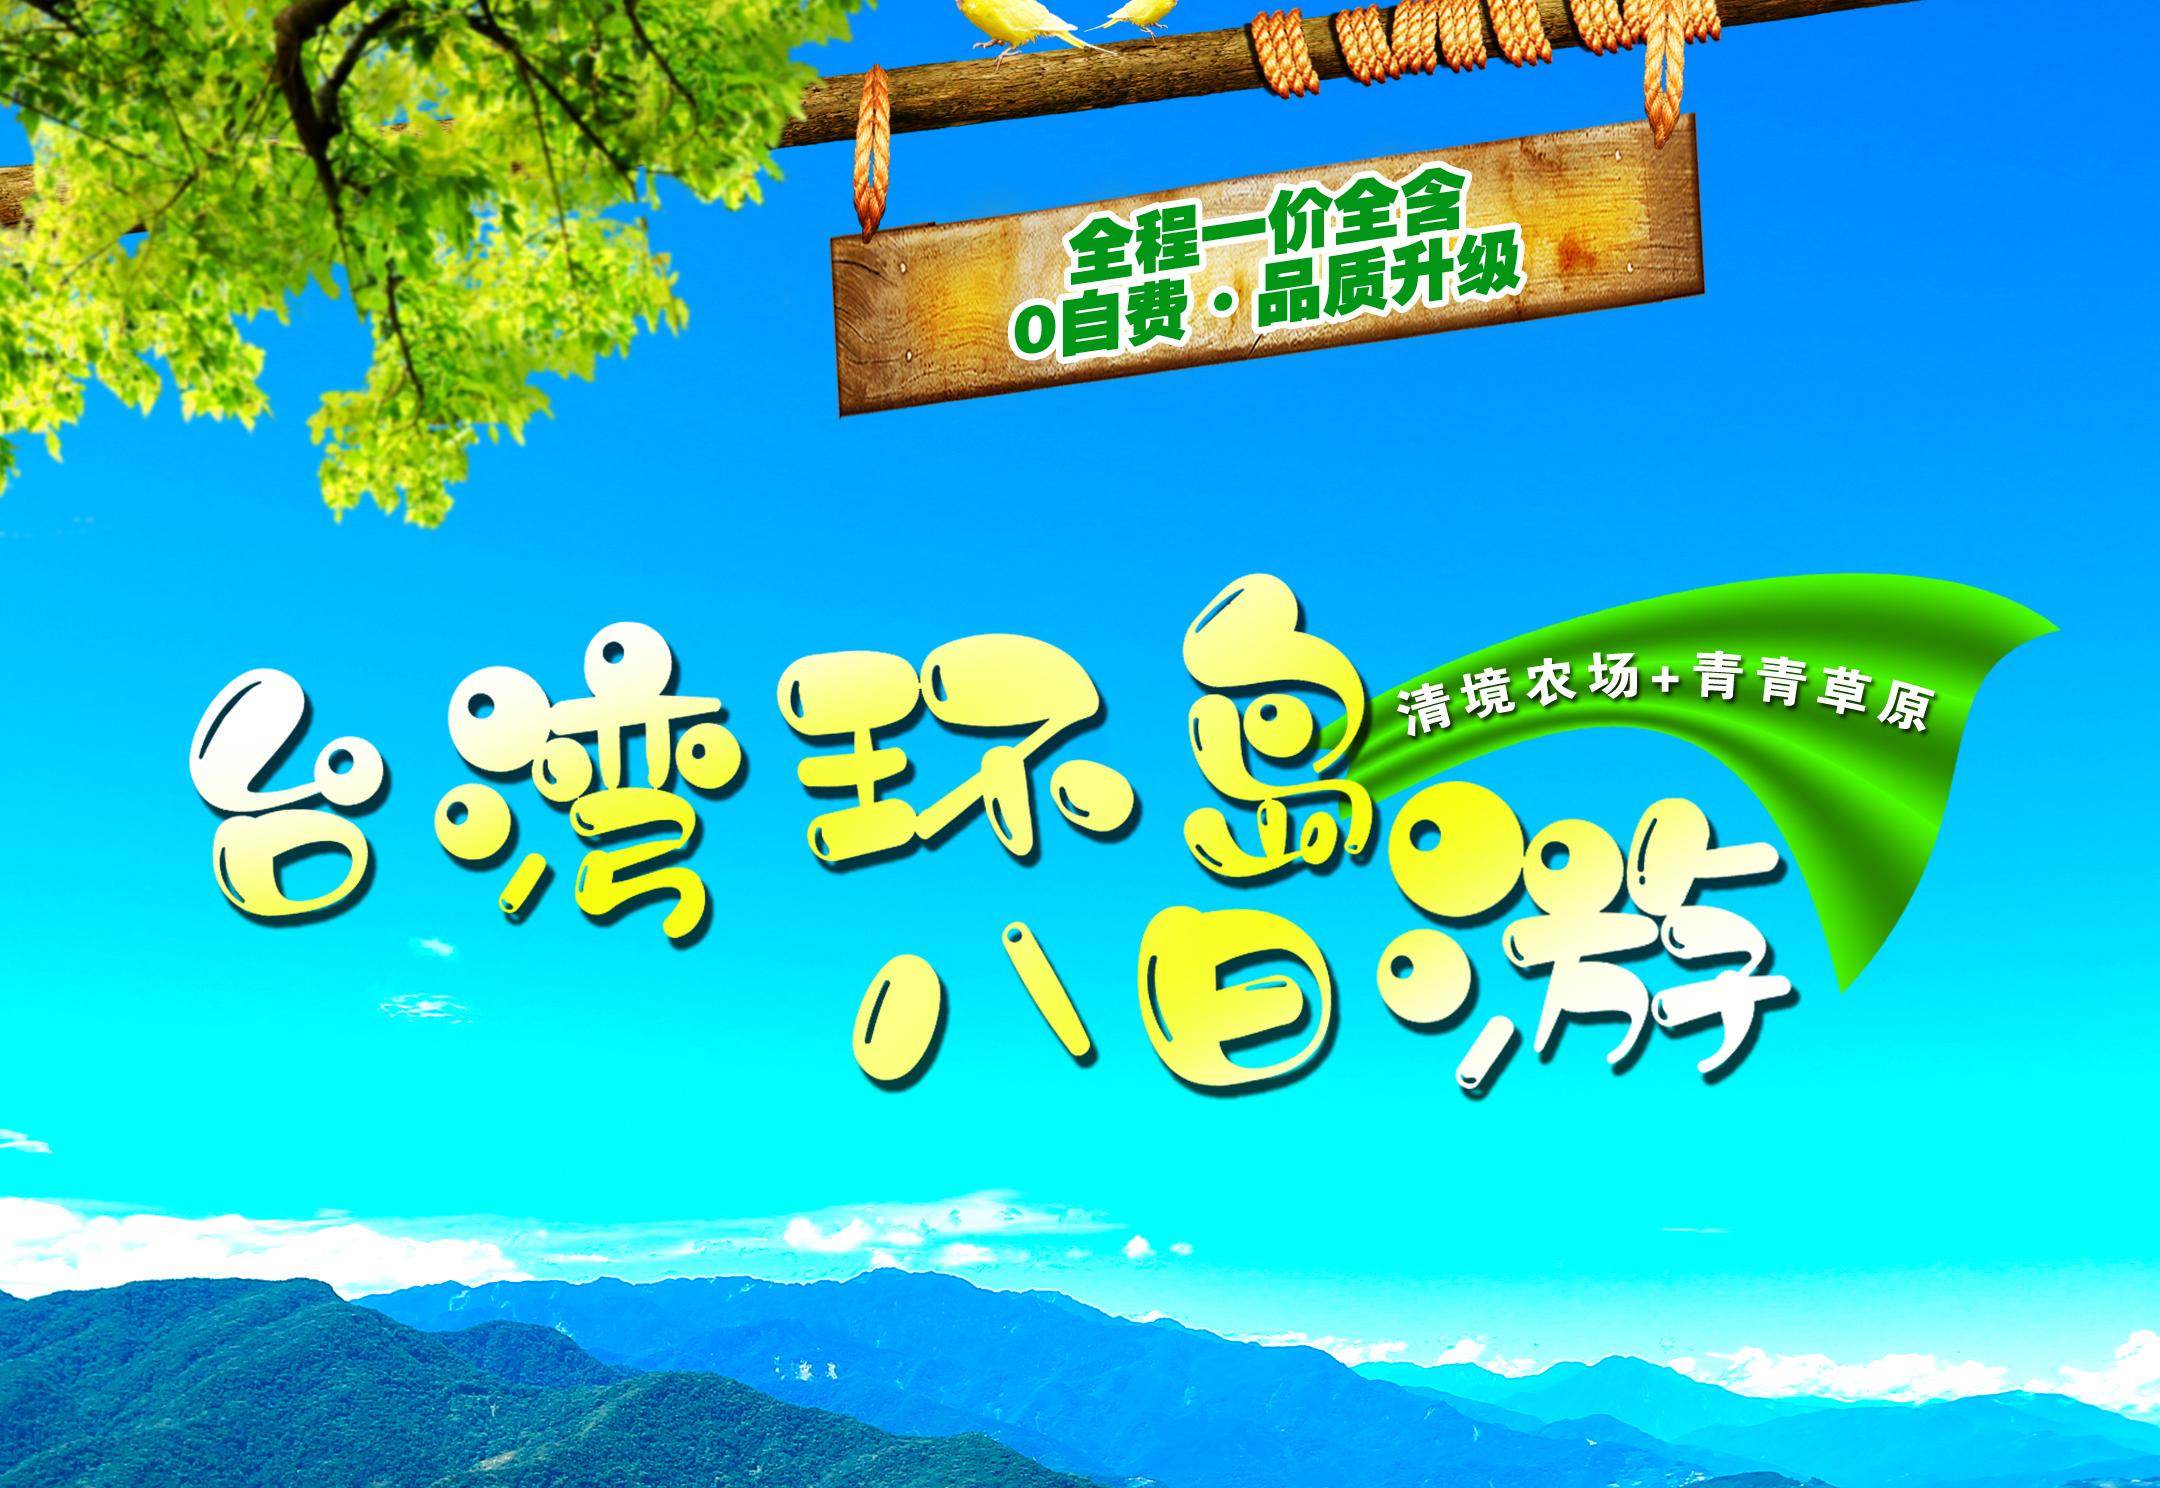 台湾包机 | 领券立减500元,乐品•台湾八天环岛之旅(全程一价全含·0自费·品质升级)